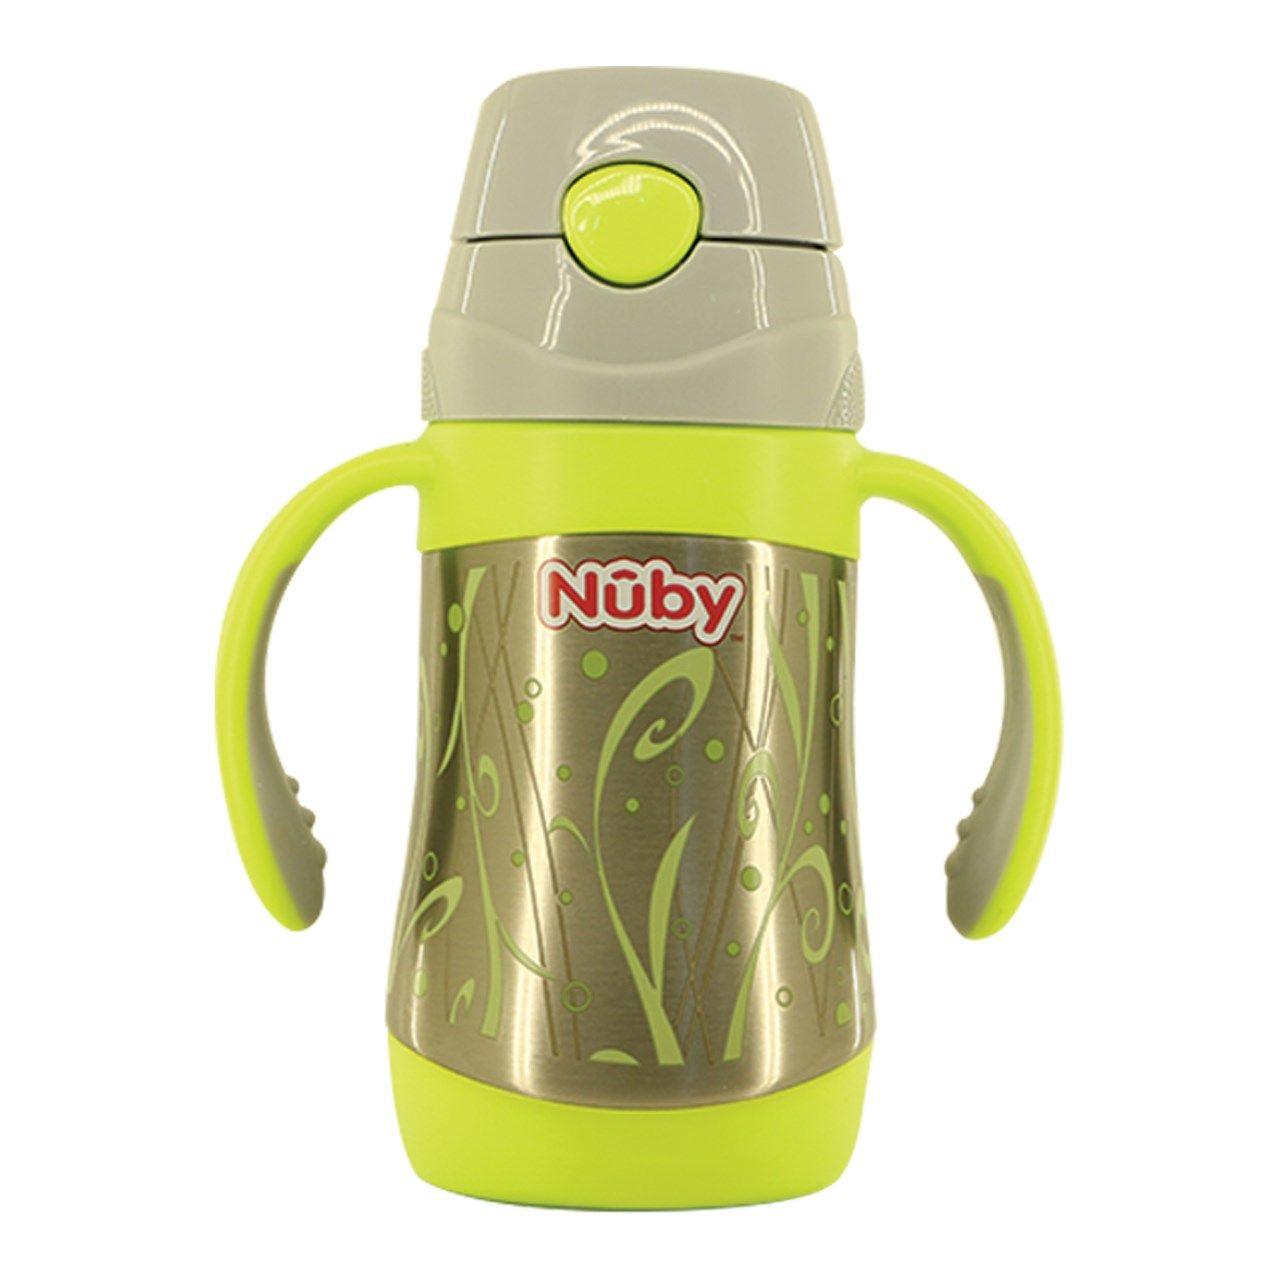 قمقمه کودک سبز نوبی مدل ID 10279 ظرفیت 0.28 لیتر